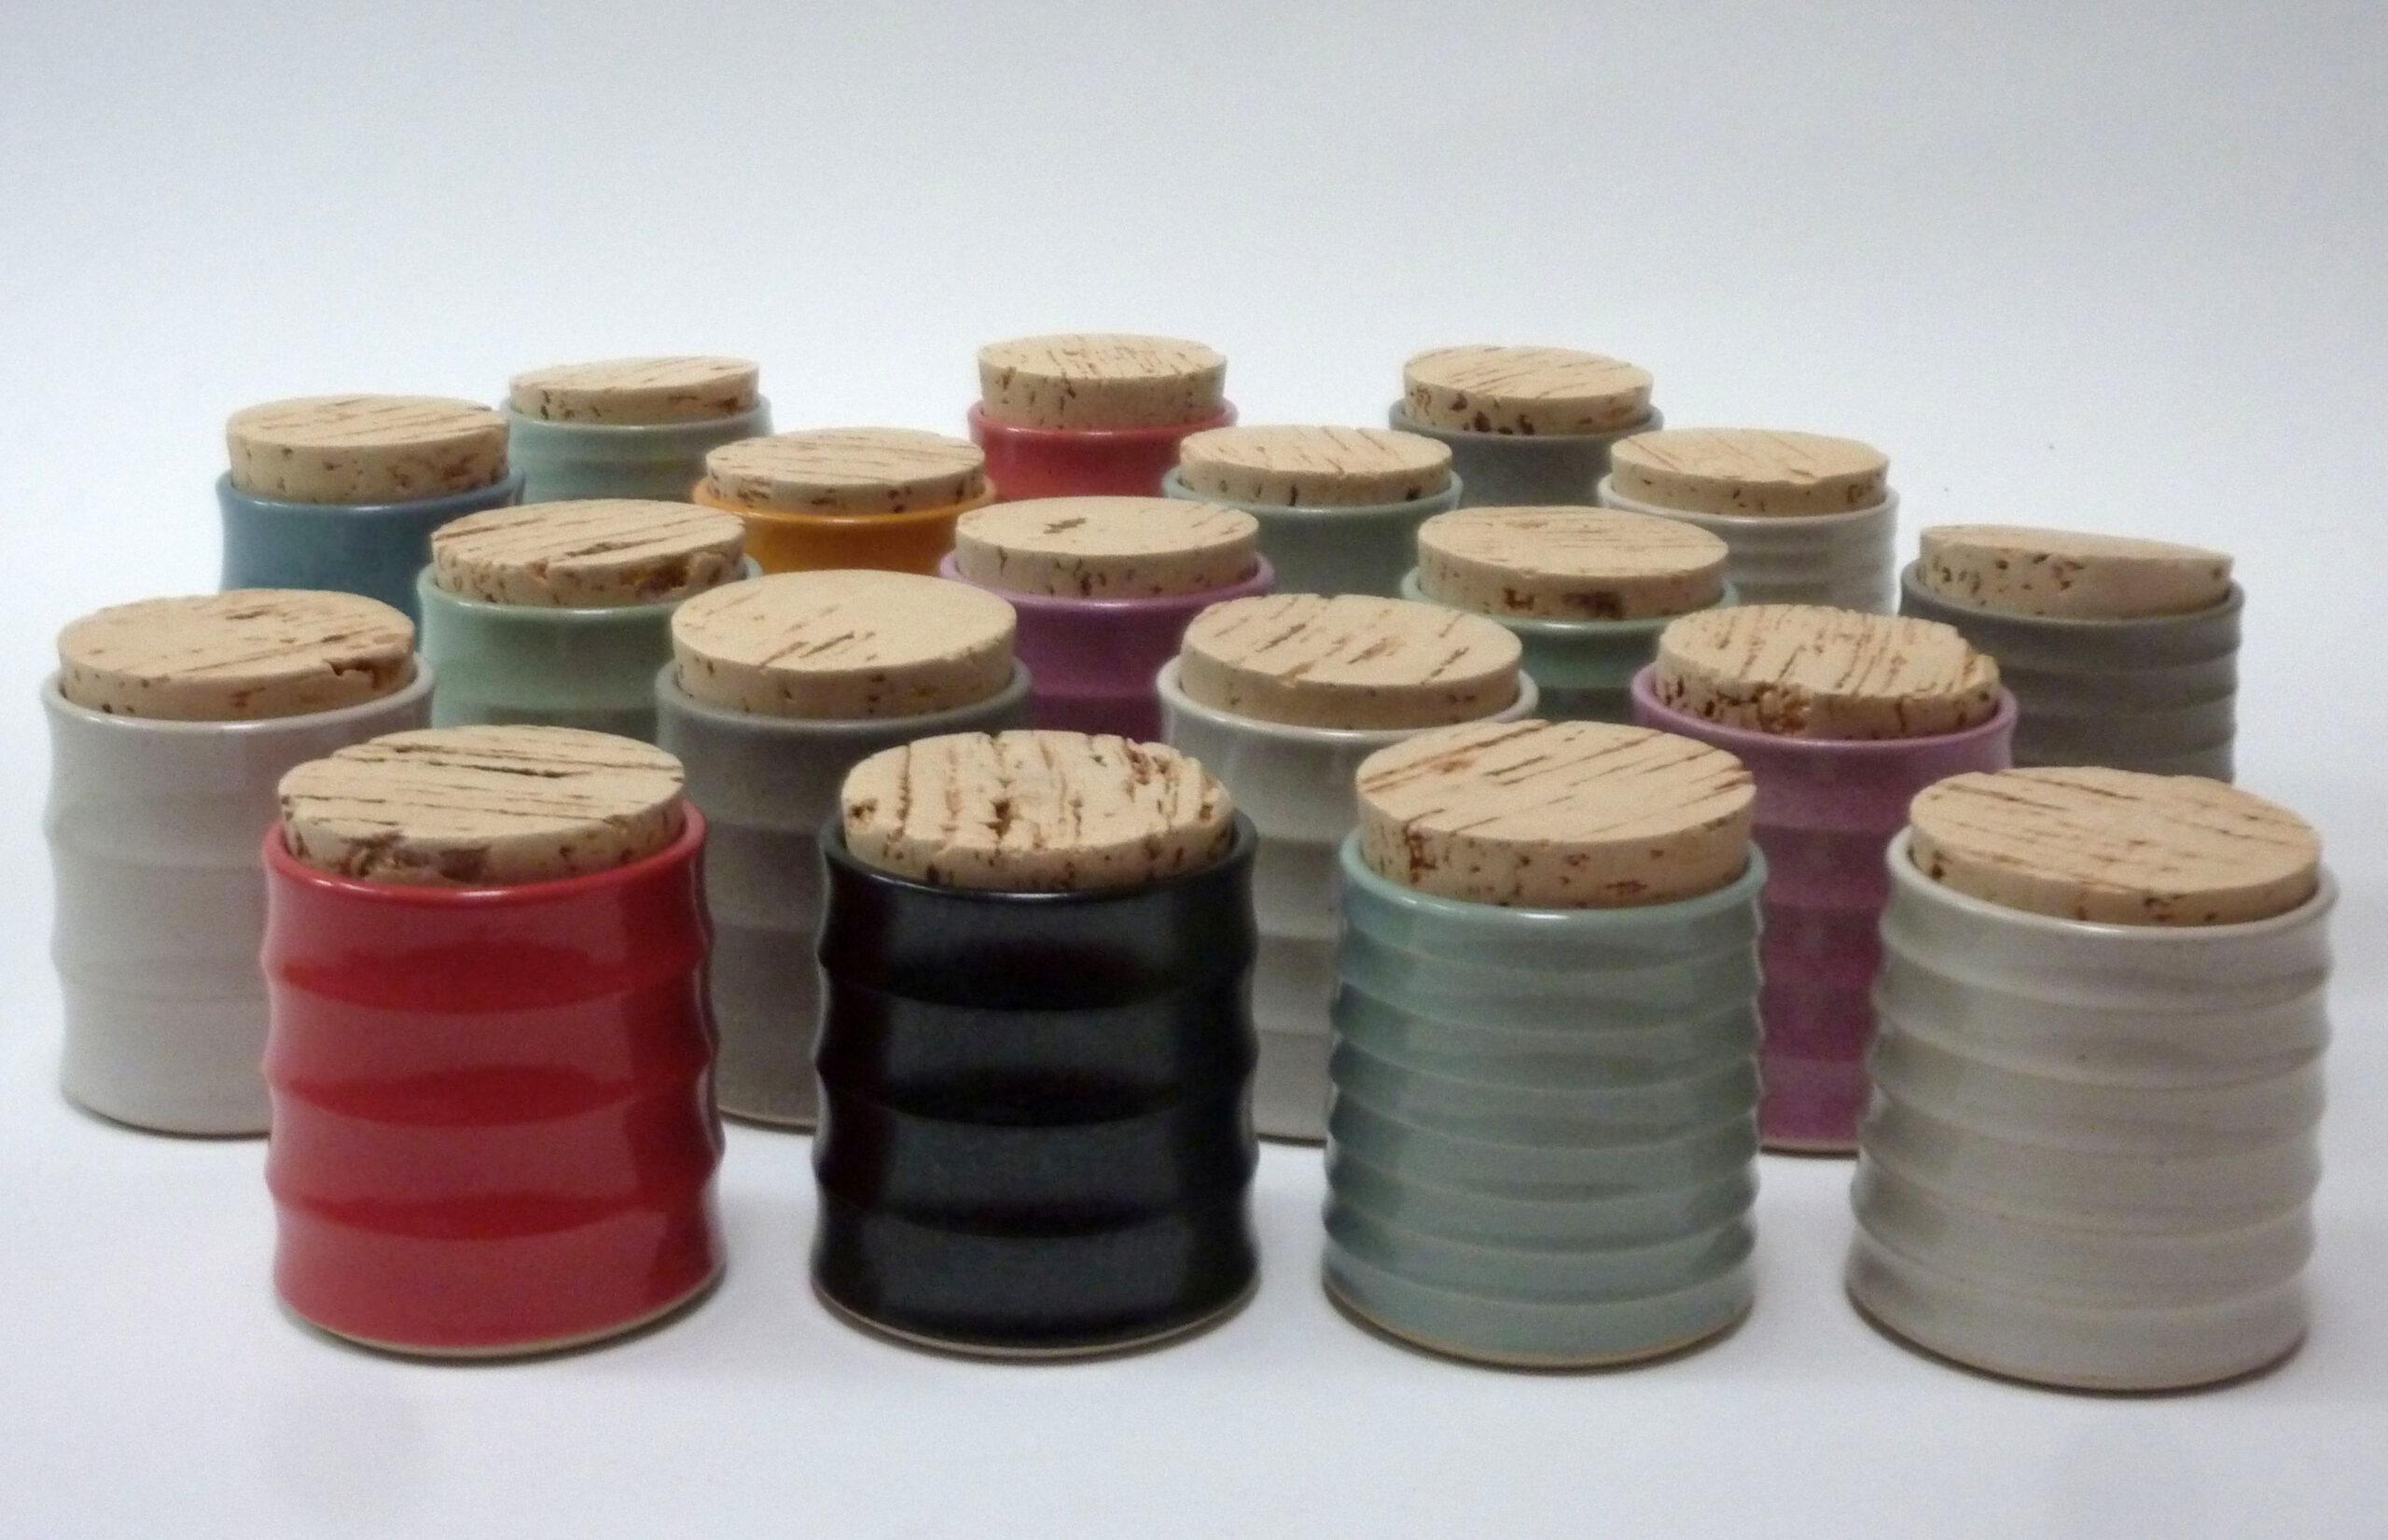 Full Size of Keramik Waschbecken Küche Kräutertopf Wohnzimmer Kräutertopf Keramik